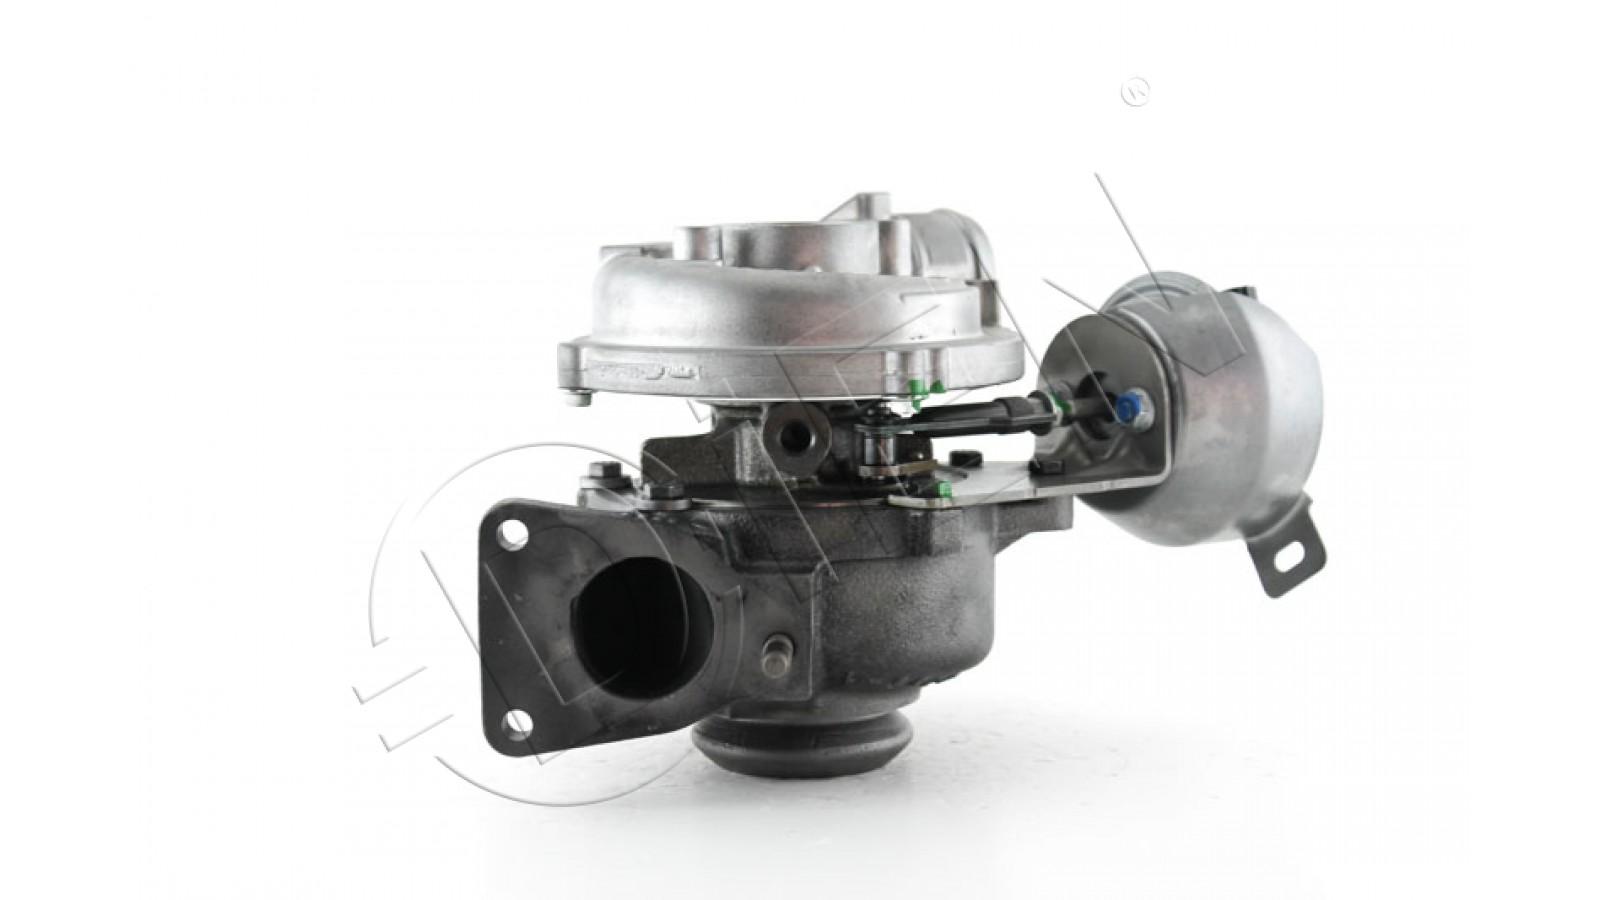 Turbocompressore  VOLVO  V50  2.0 D  136Cv  1998ccm  apr 2004